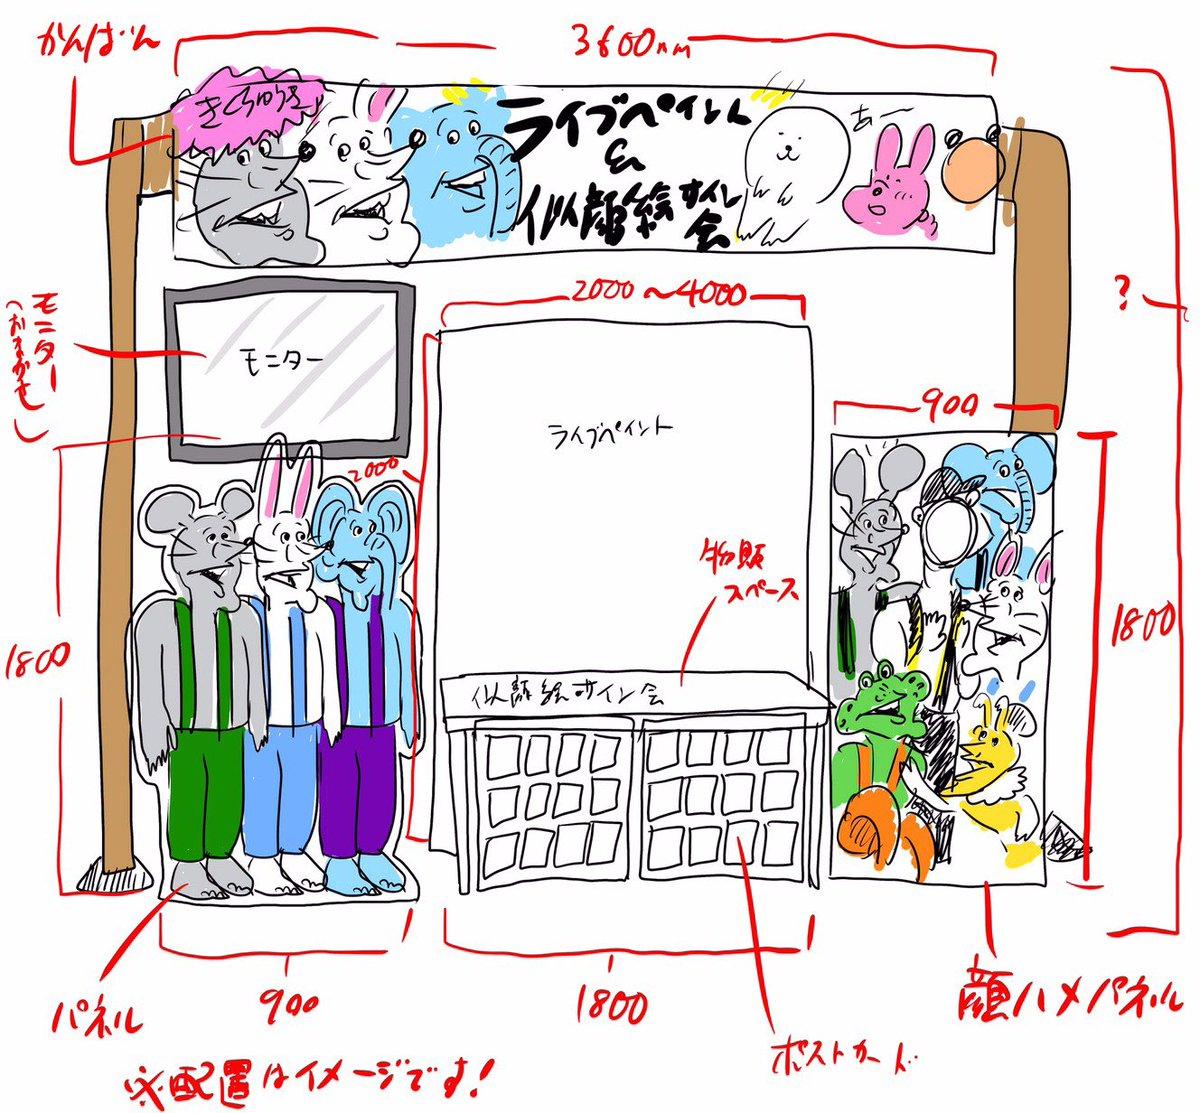 ジョイフル本田 瑞穂店 でライブペイントしてくださいとの依頼での打ち合わせでした。まだ実現出来てないですが、ライブペイントと物販と似顔絵会をする予定でした。設営イメージも担当さんといろいろ進めて、準備していたので、いつか出来たらいいなぁ〜と思っています。